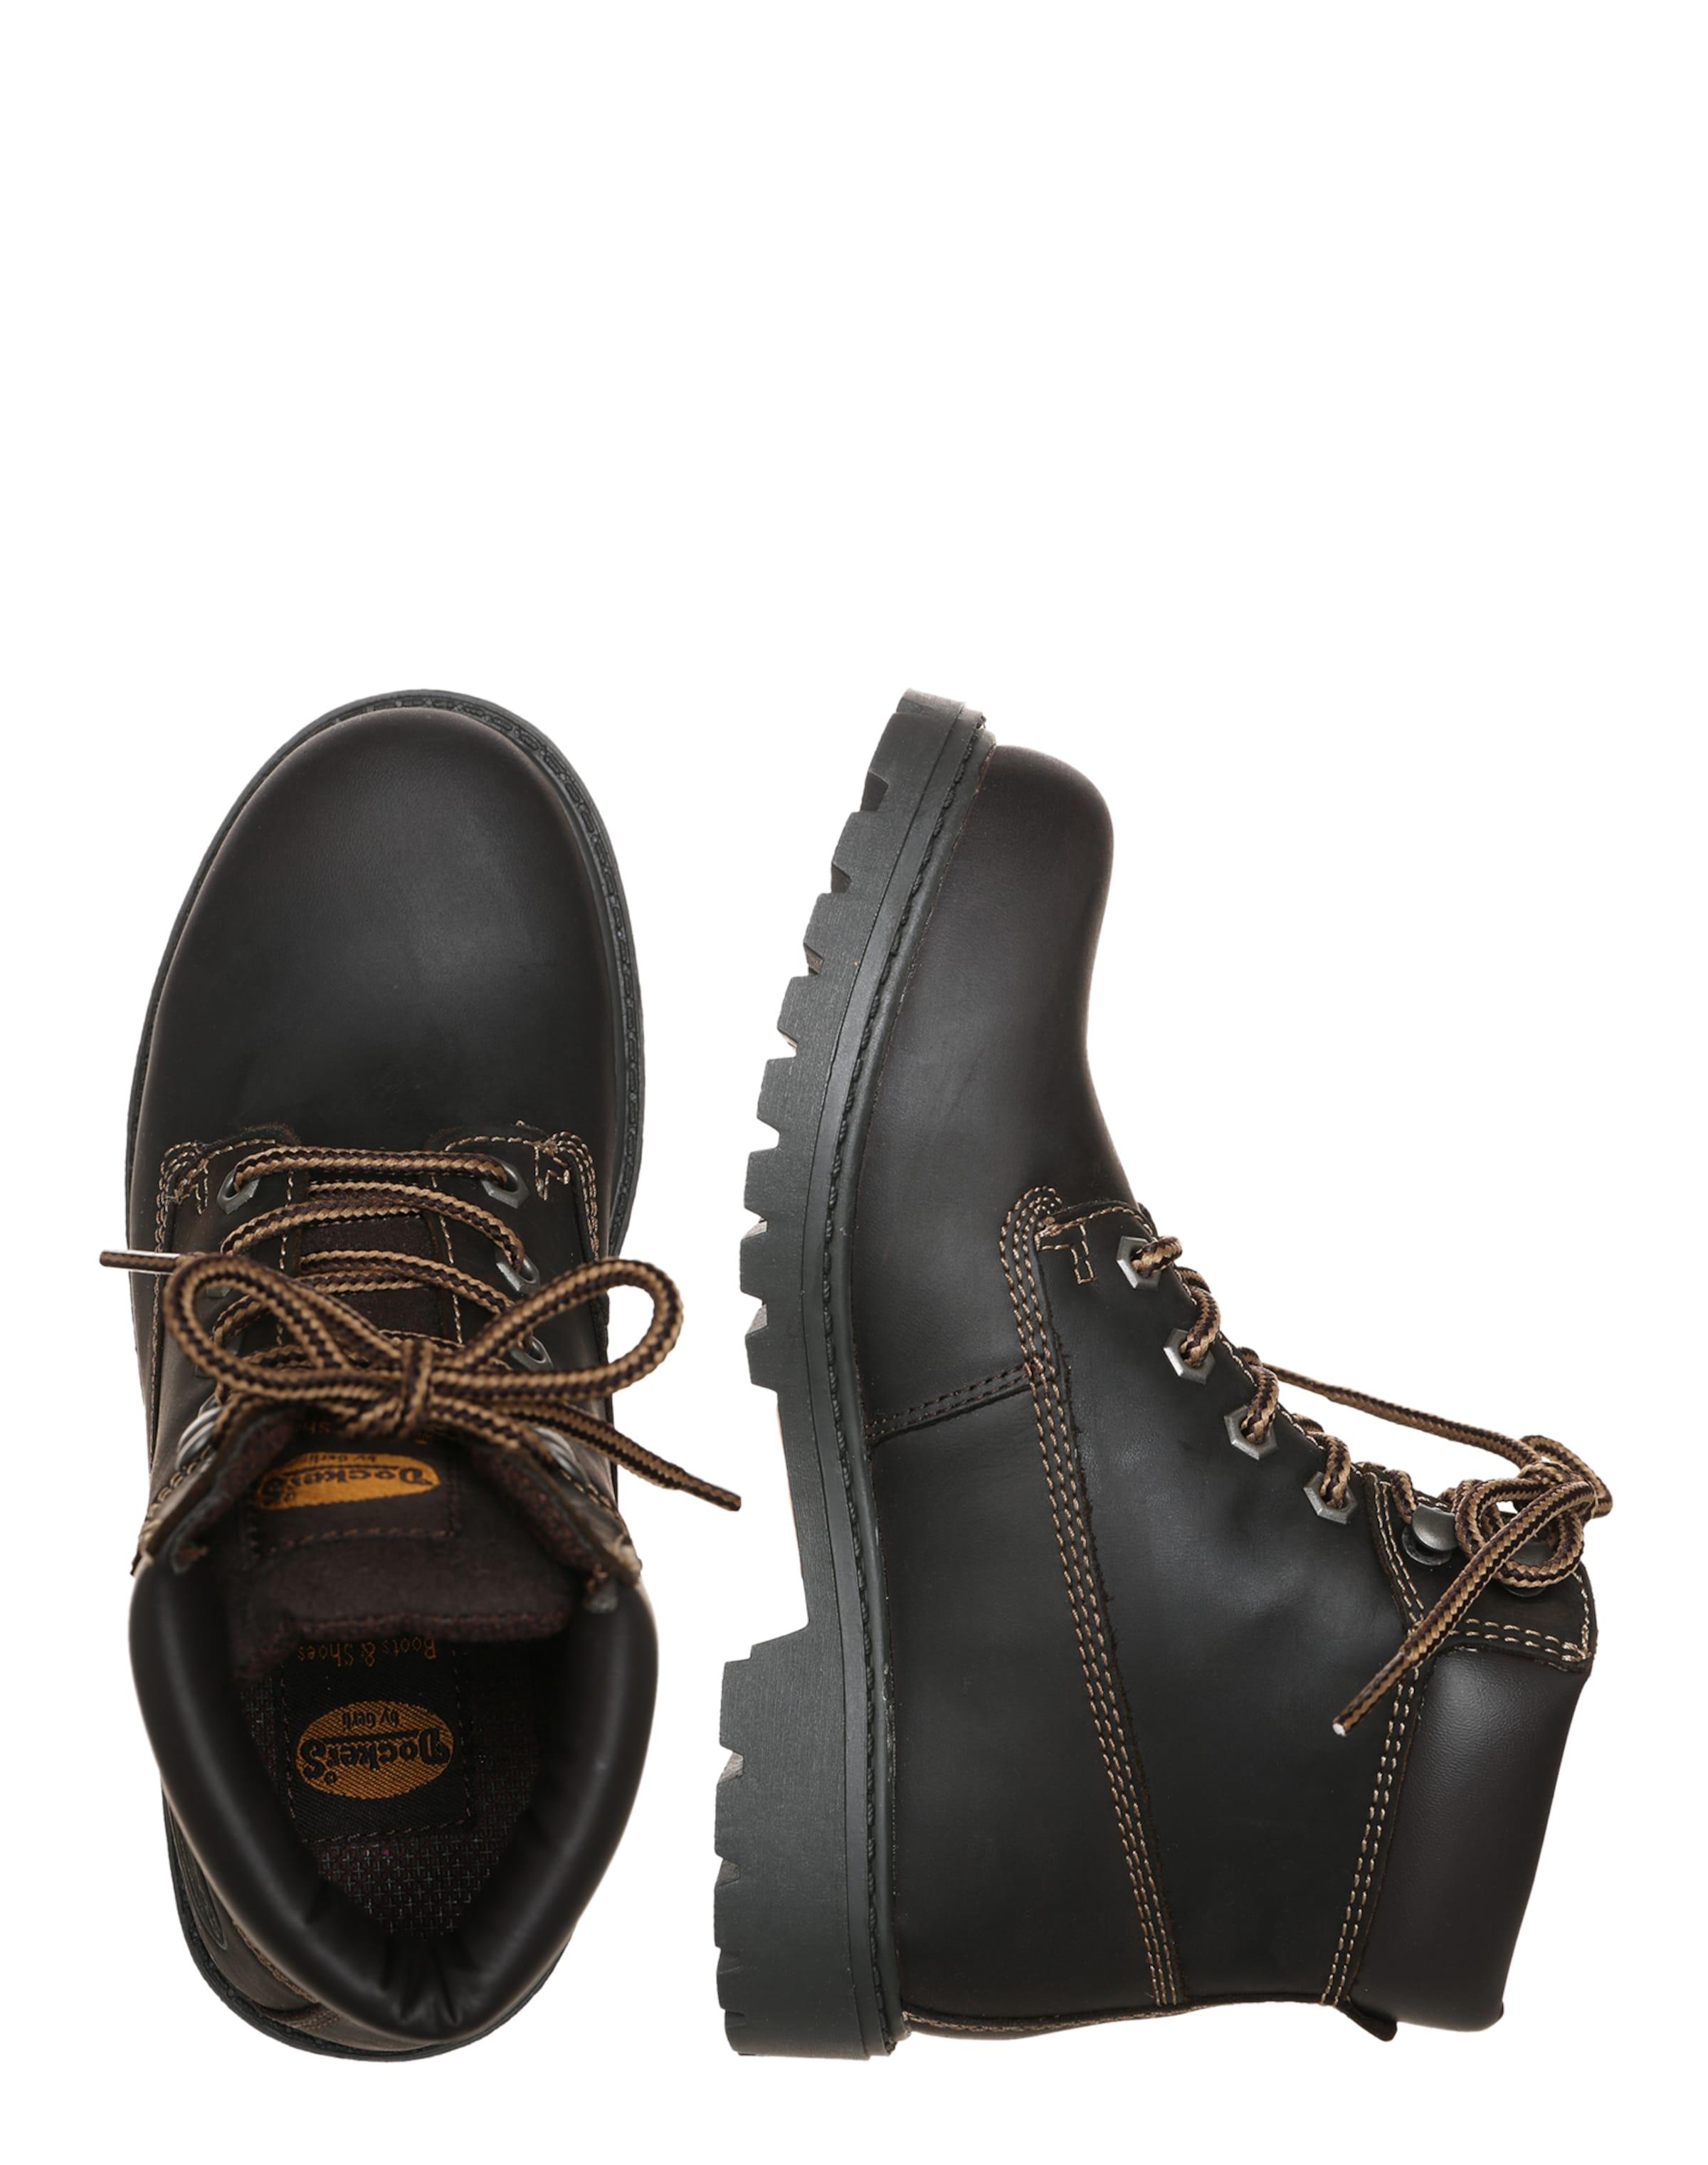 Dockers by Gerli Boots im Worker-Stil Brandneues Unisex Verkauf Online Billig Verkauf Gut Verkaufen Steckdose Billigsten FiH0K